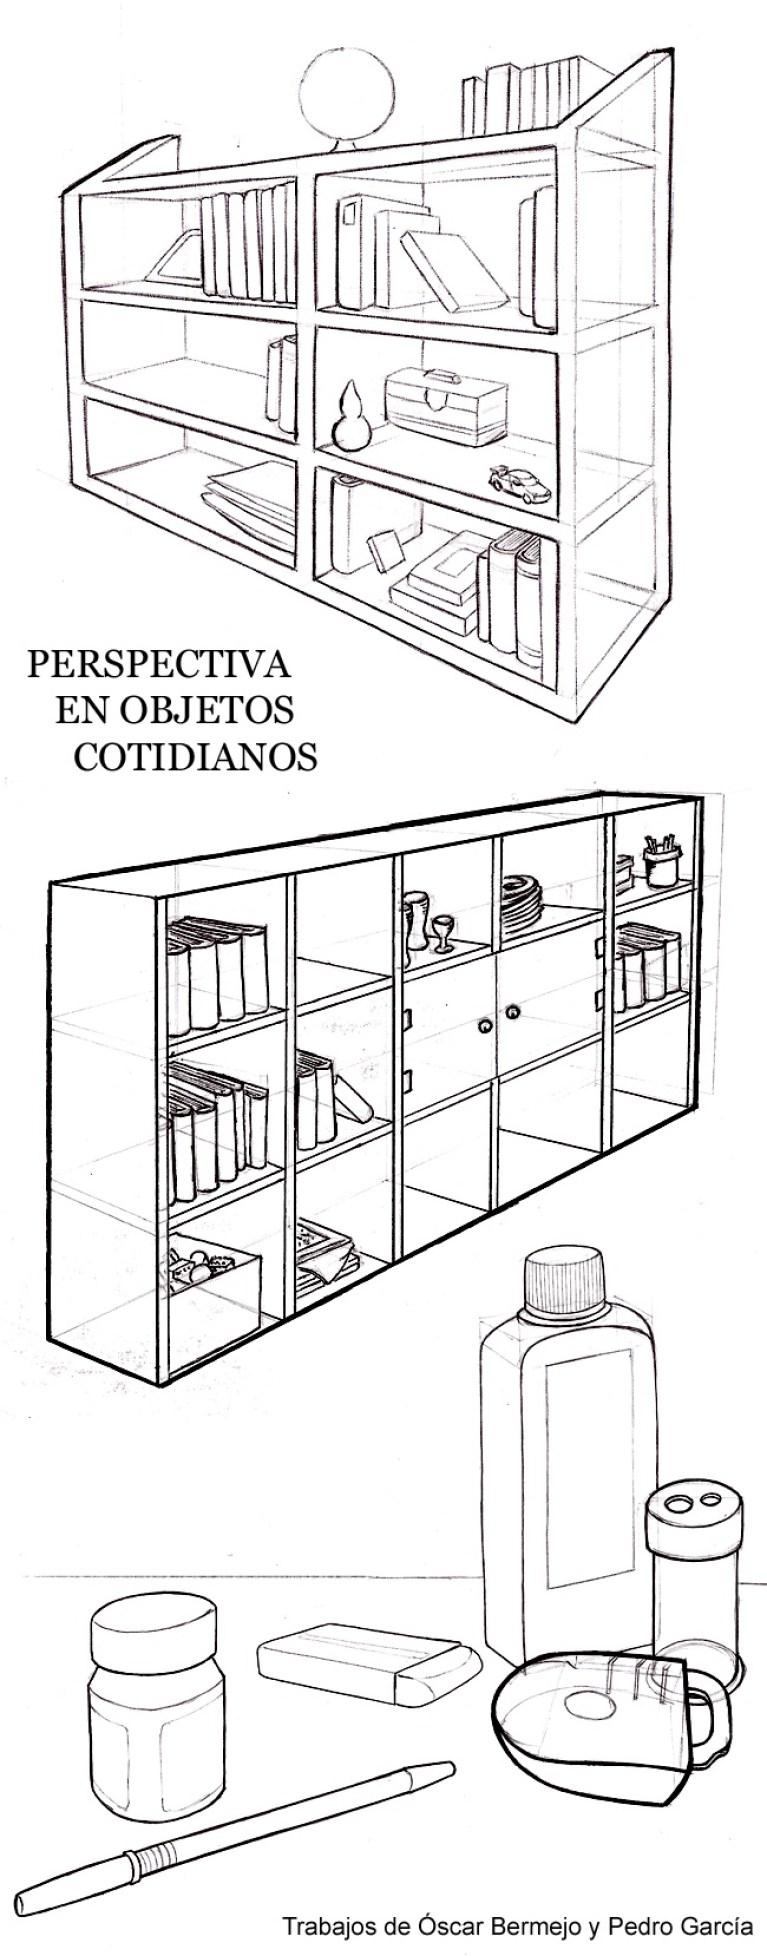 cursos-master-academiac10-alvaro-muñoz-trabajos-alumnos-perspectiva